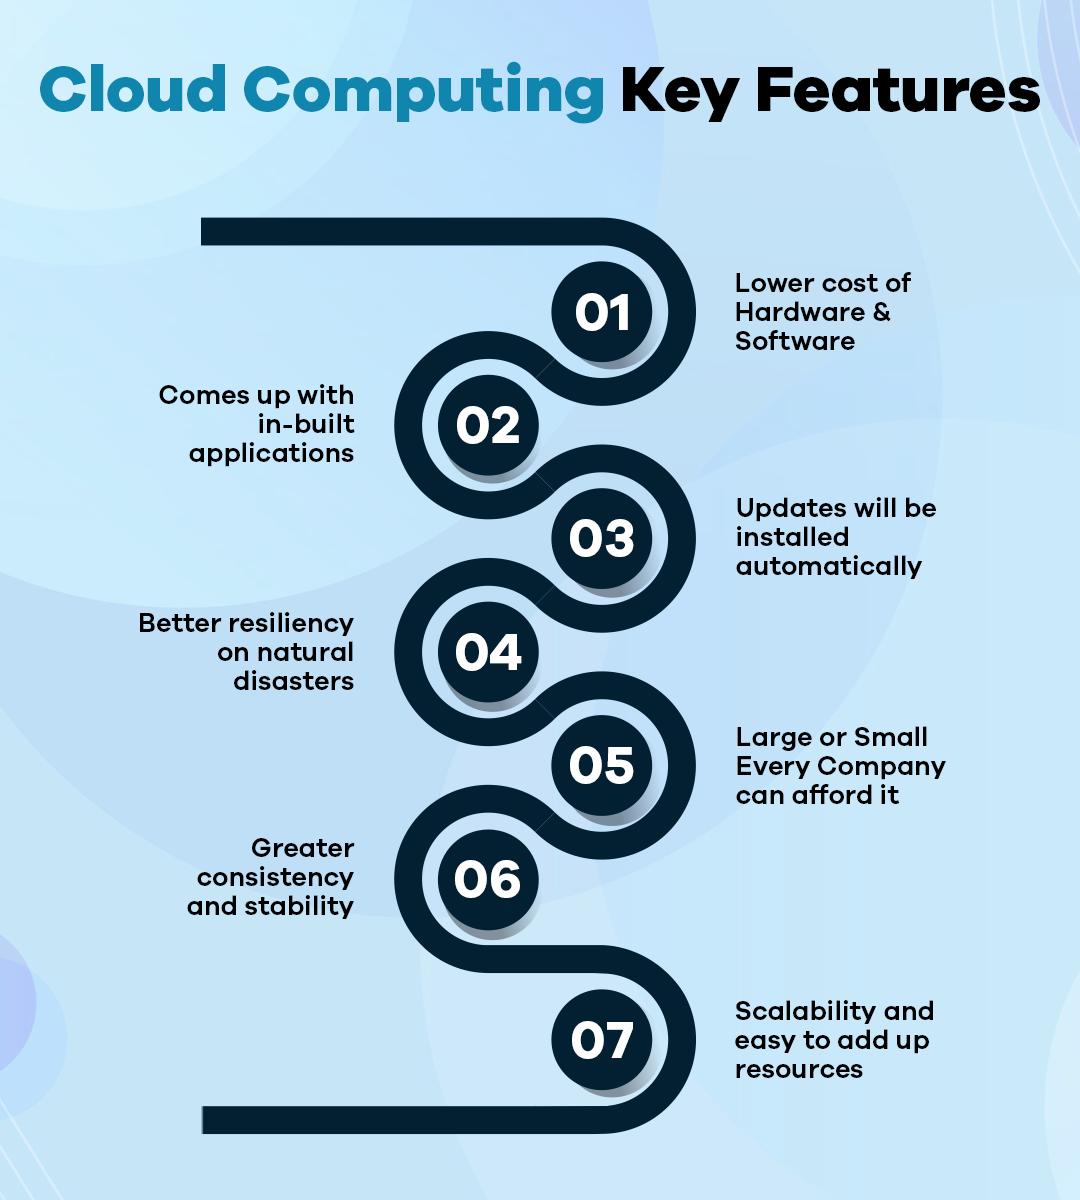 Cloud Computing vs. On-Premises